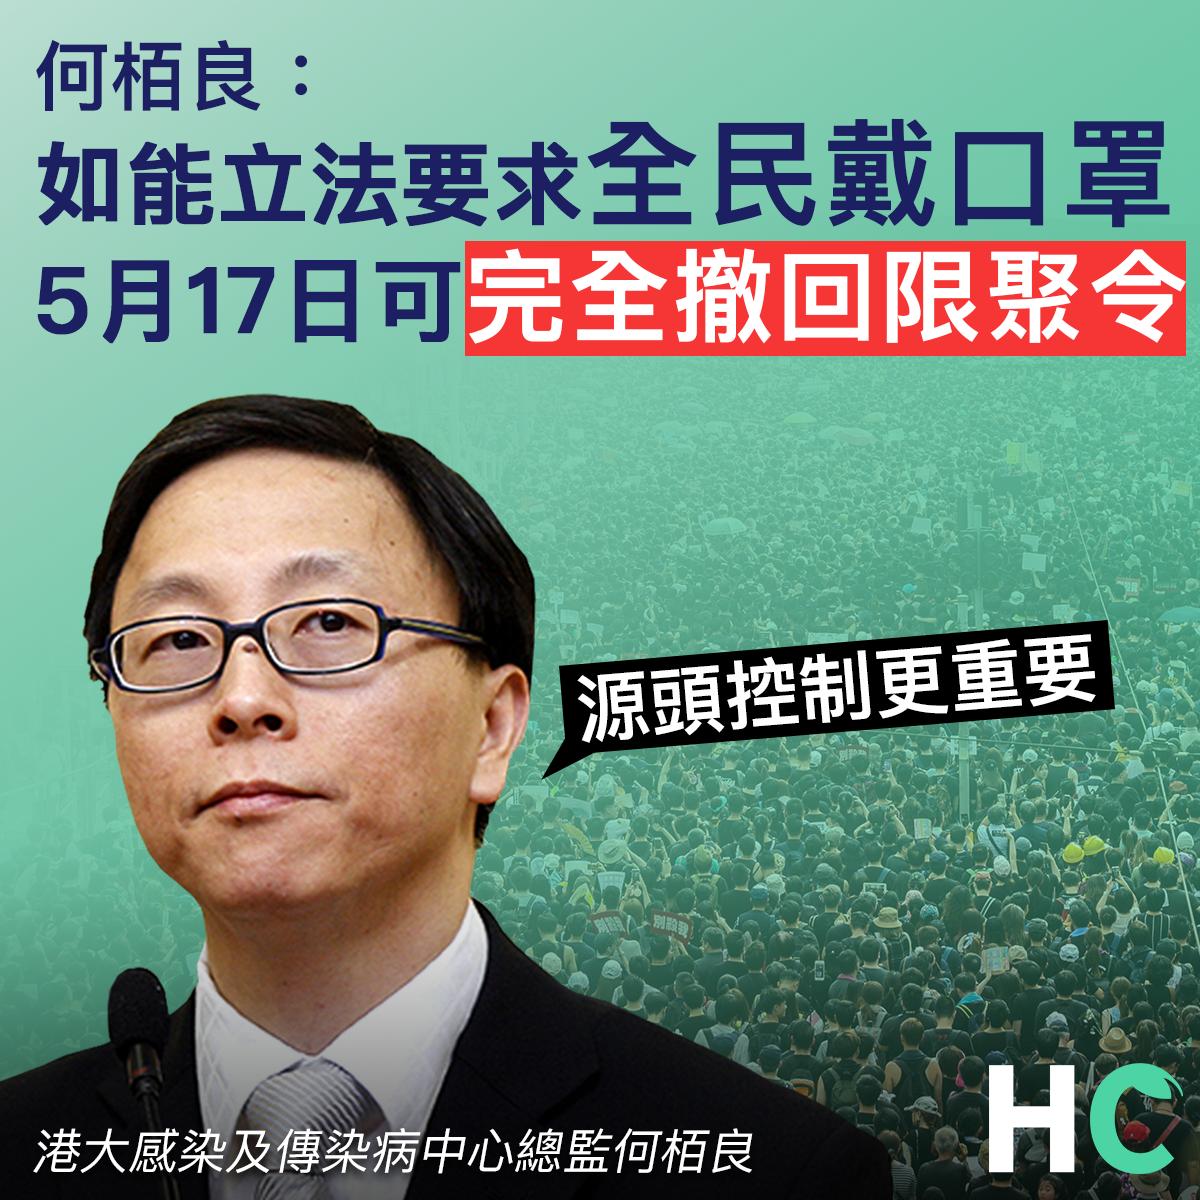 【#武漢肺炎】何栢良:如能立法要求全民戴口罩 5月17日可完全撤回限聚令